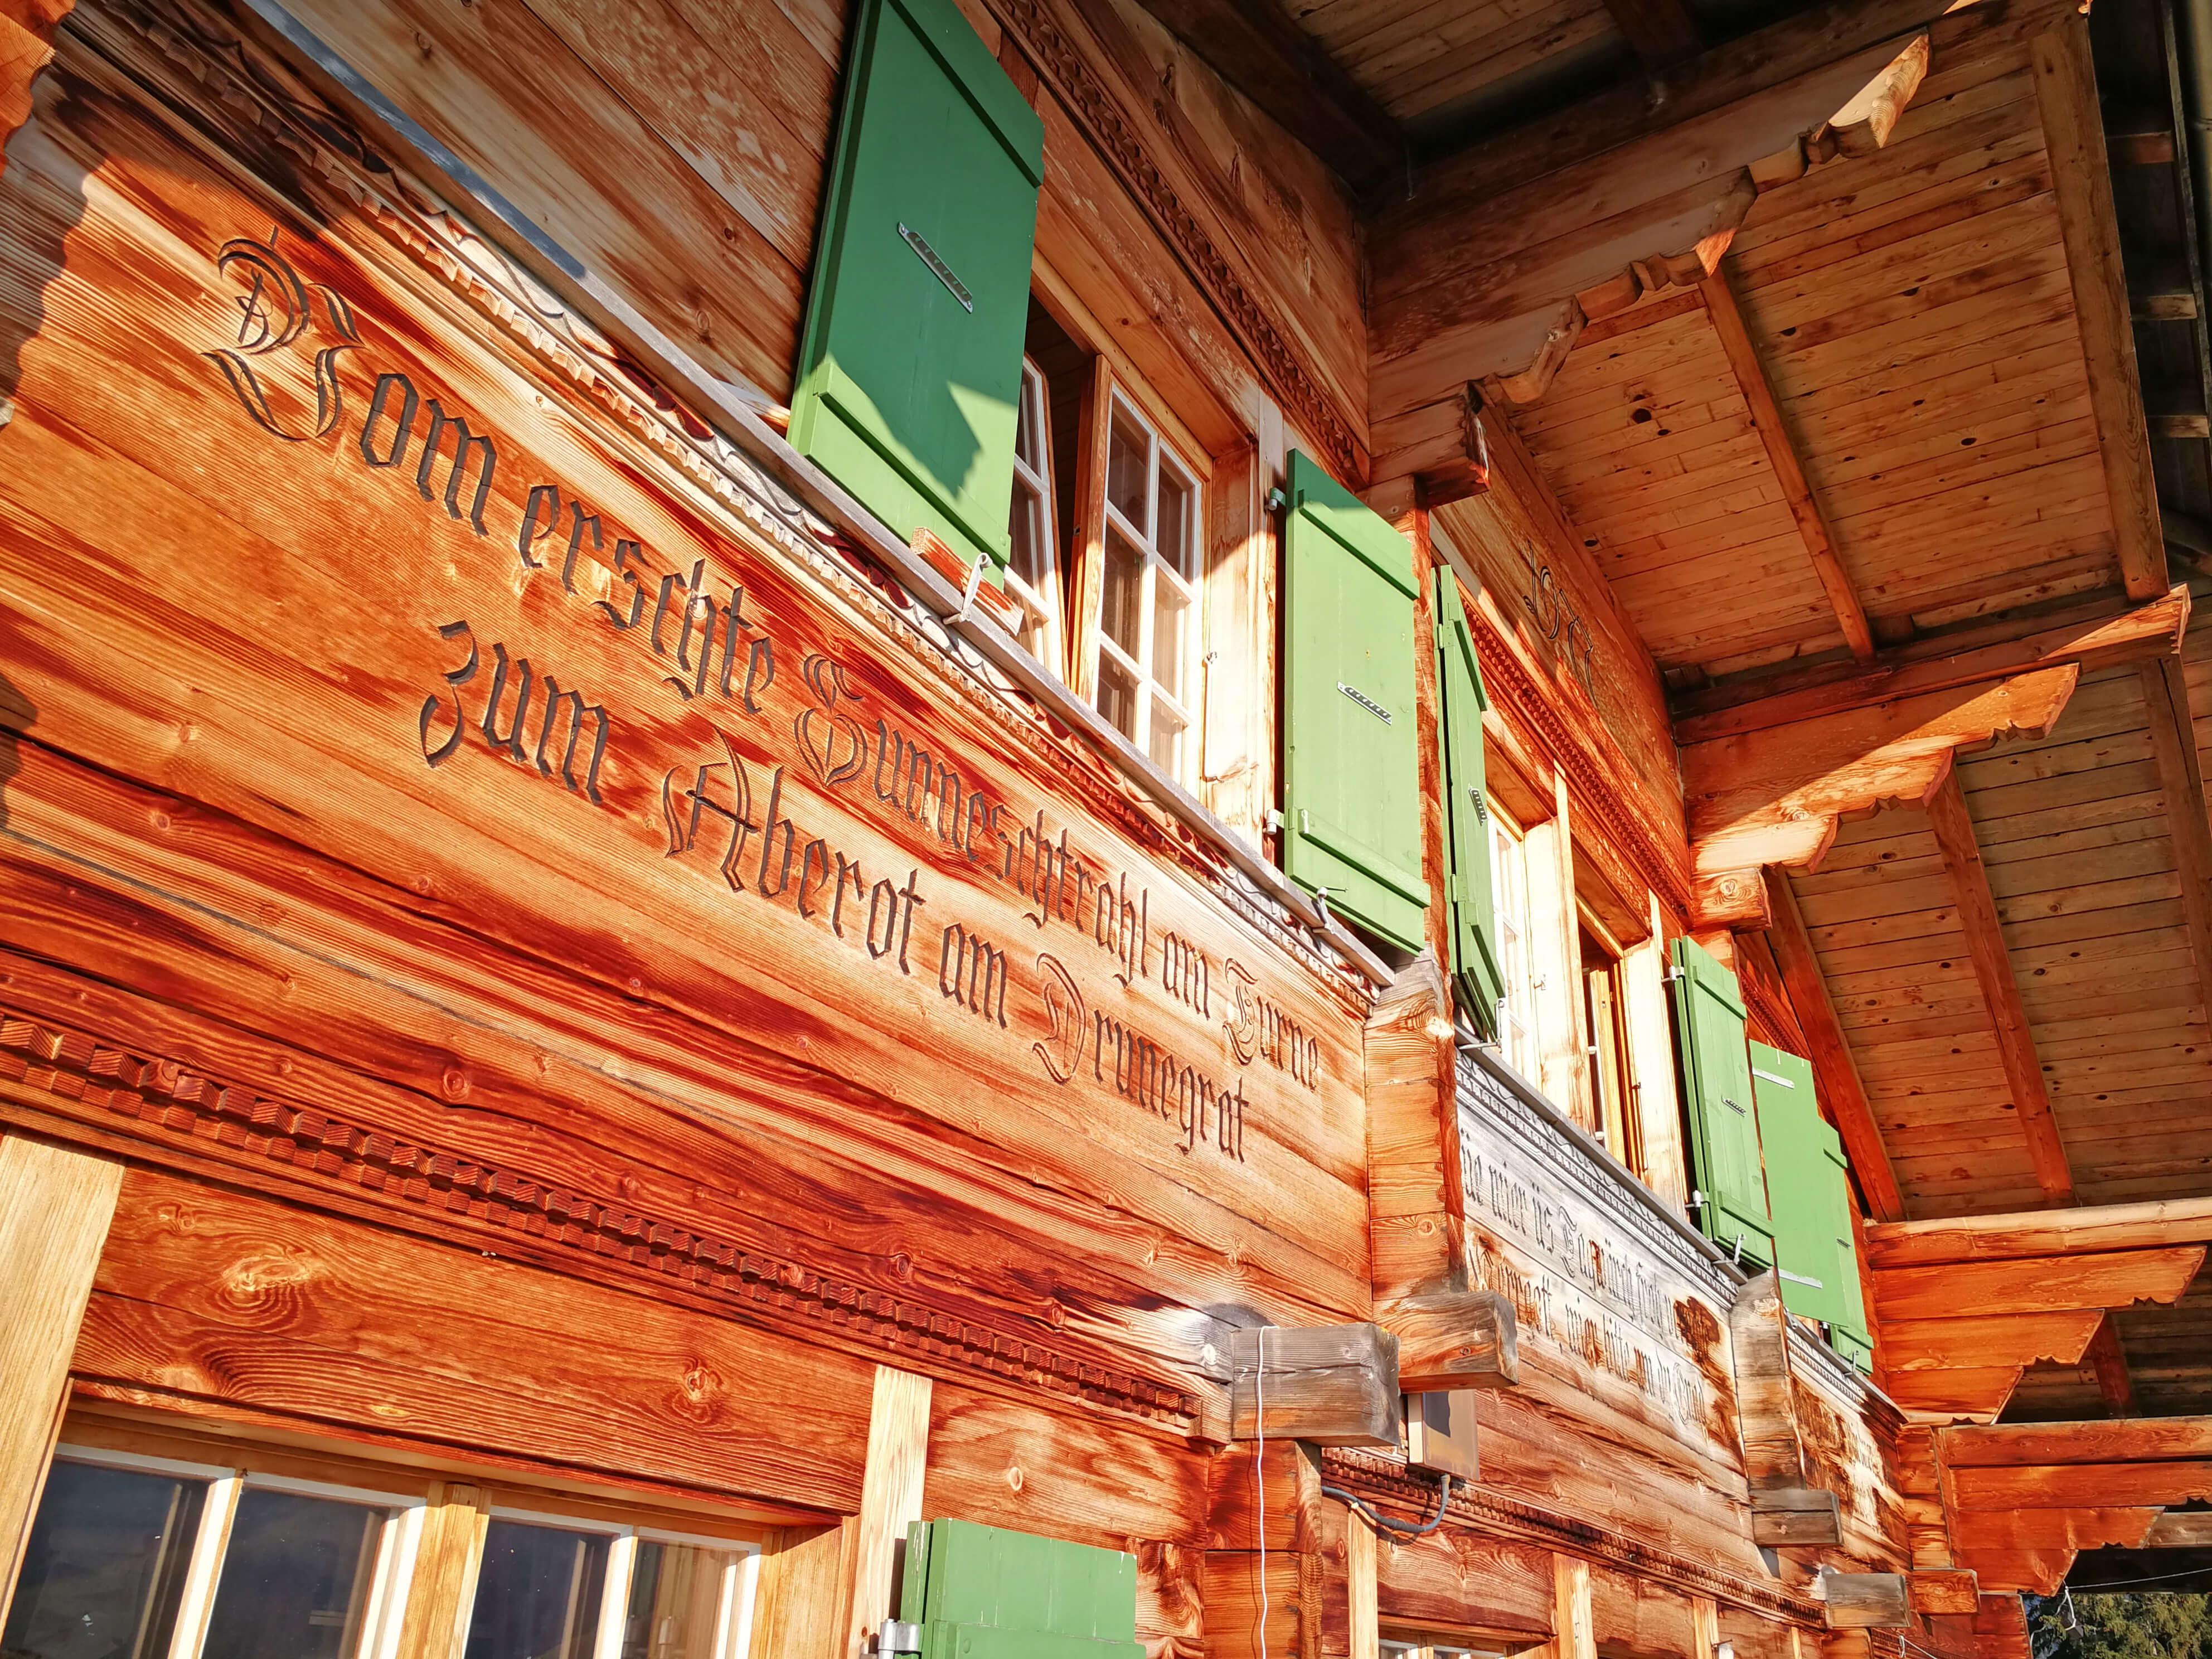 Hausfassade der Sennhütte Menigwald